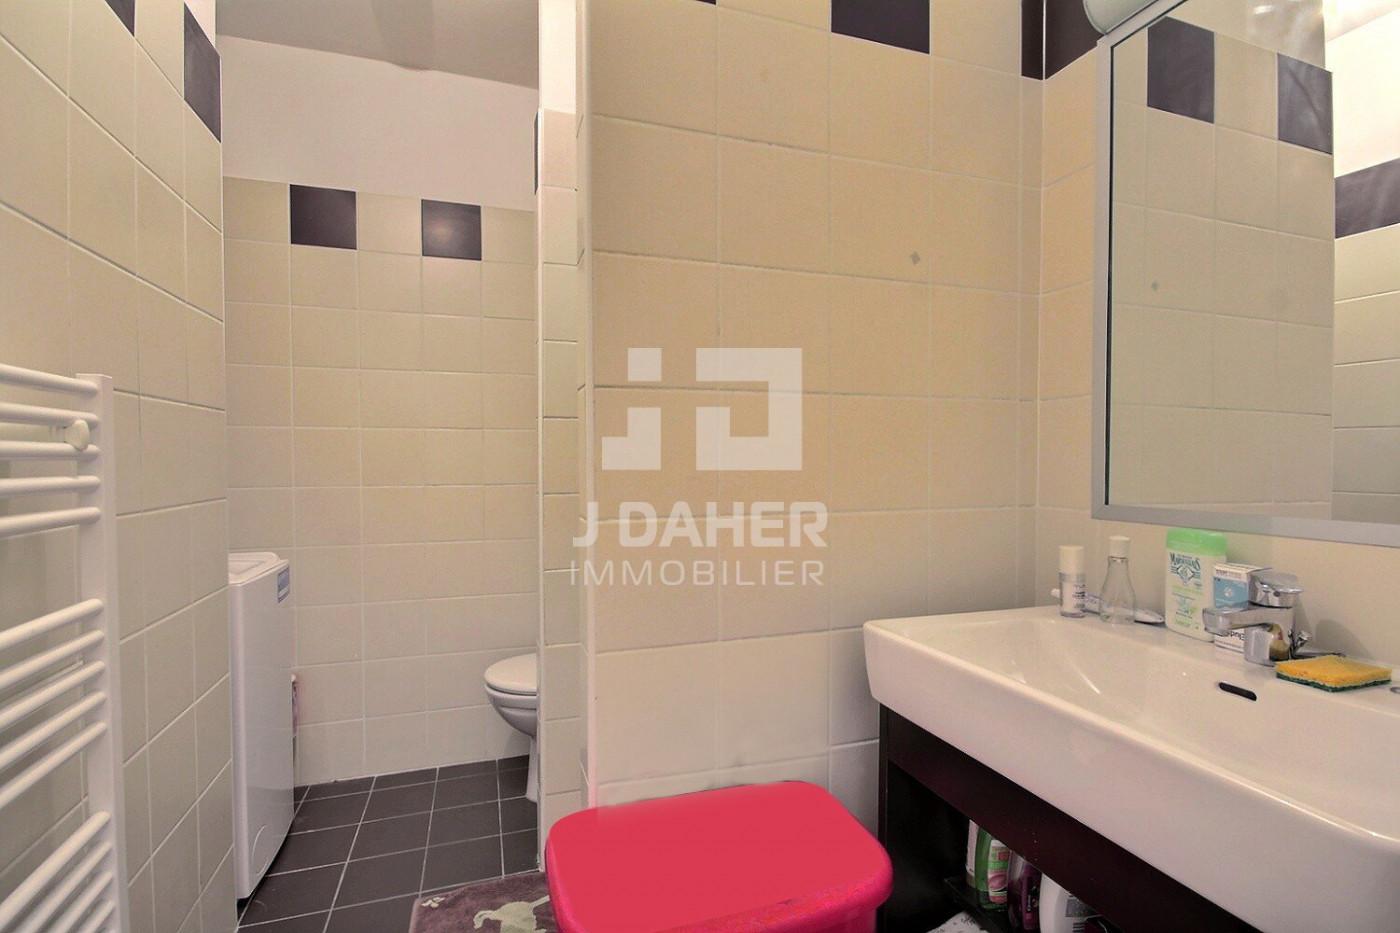 A vendre  Marseille 2eme Arrondissement   Réf 130251031 - J daher immobilier